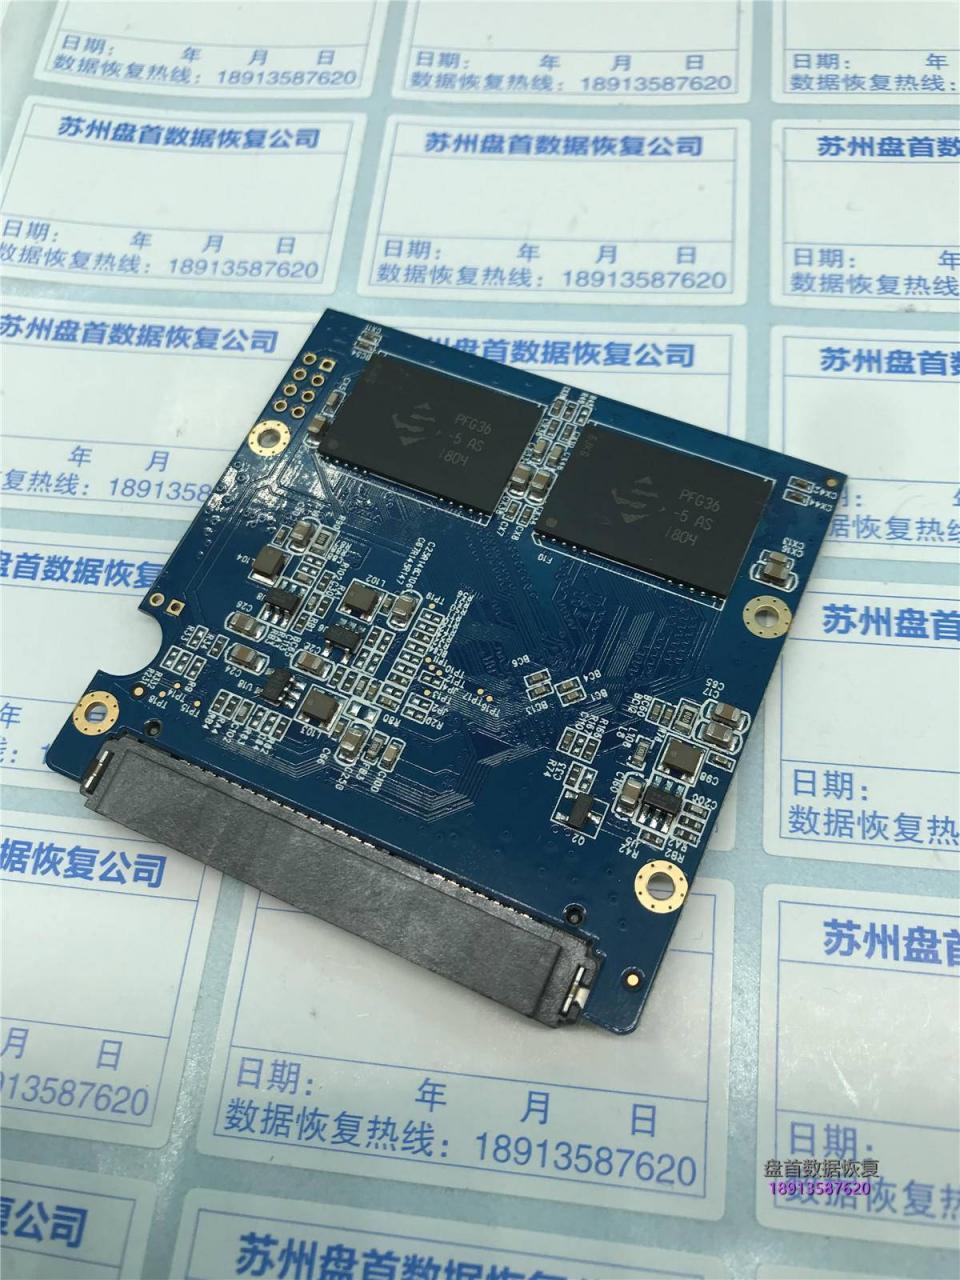 SM2258XT无法识别数据恢复成功tigo金泰克S300 SSD无法识别